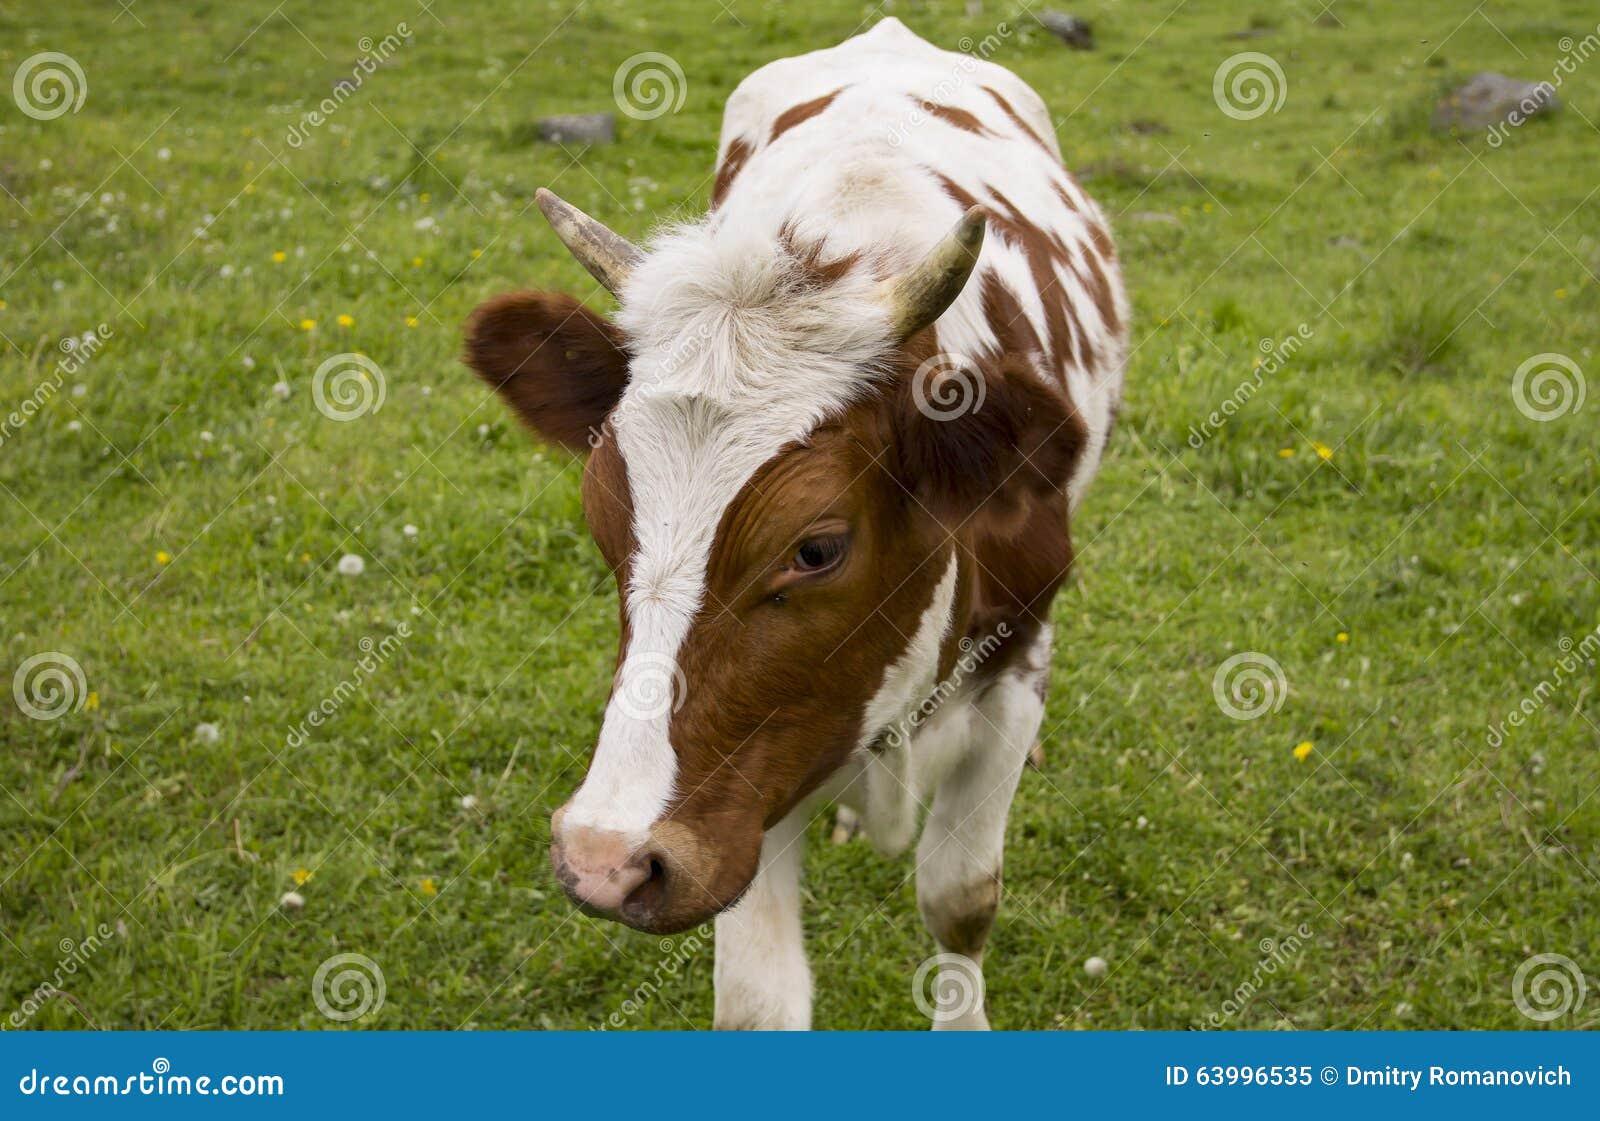 Jeune vache avec la coupe de cheveux dr le image stock - Image de vache drole ...